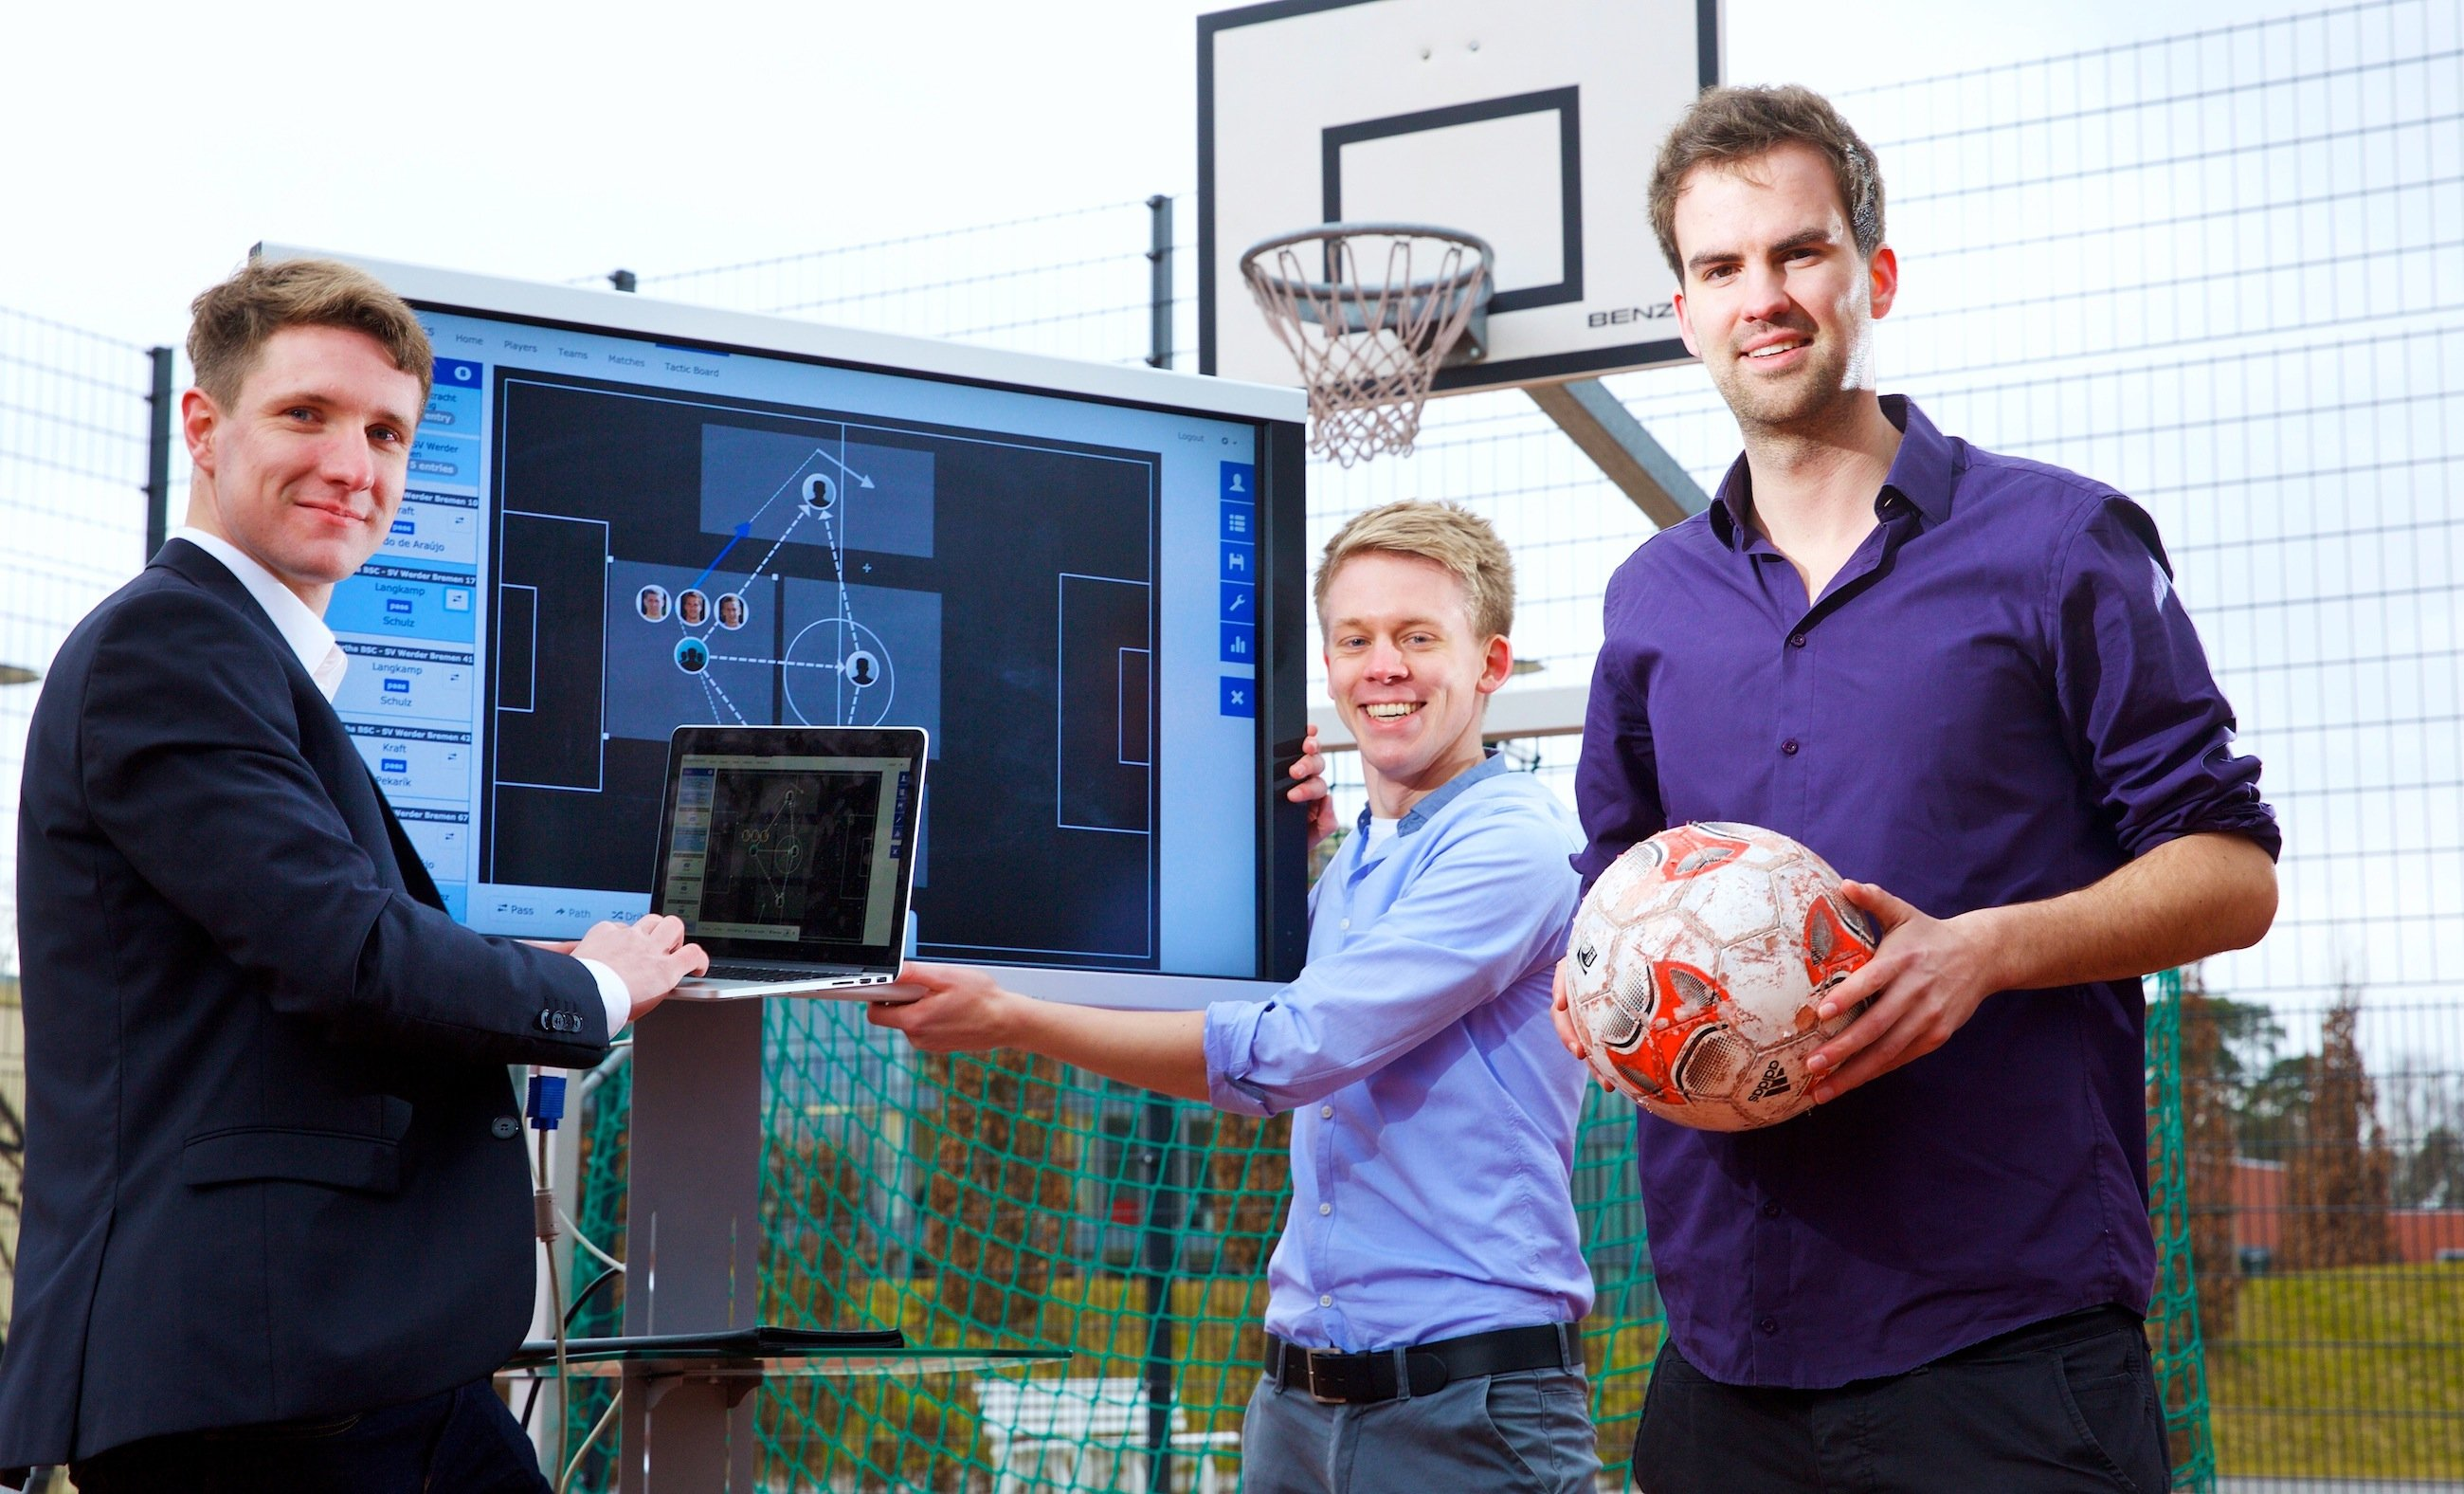 Eine neue Software des Hasso-Plattner-Instituts erkennt sofort Spielmuster im Fußball. Vorgestellt wird sie von HPI-Nachwuchsforscher Keven Richly (links) und seinem Team auf der CeBIT. Die Software funktioniert auch für andere Mannschaftssportarten und arbeitet mit Hochgeschwindigkeits-Datenbanktechnologie